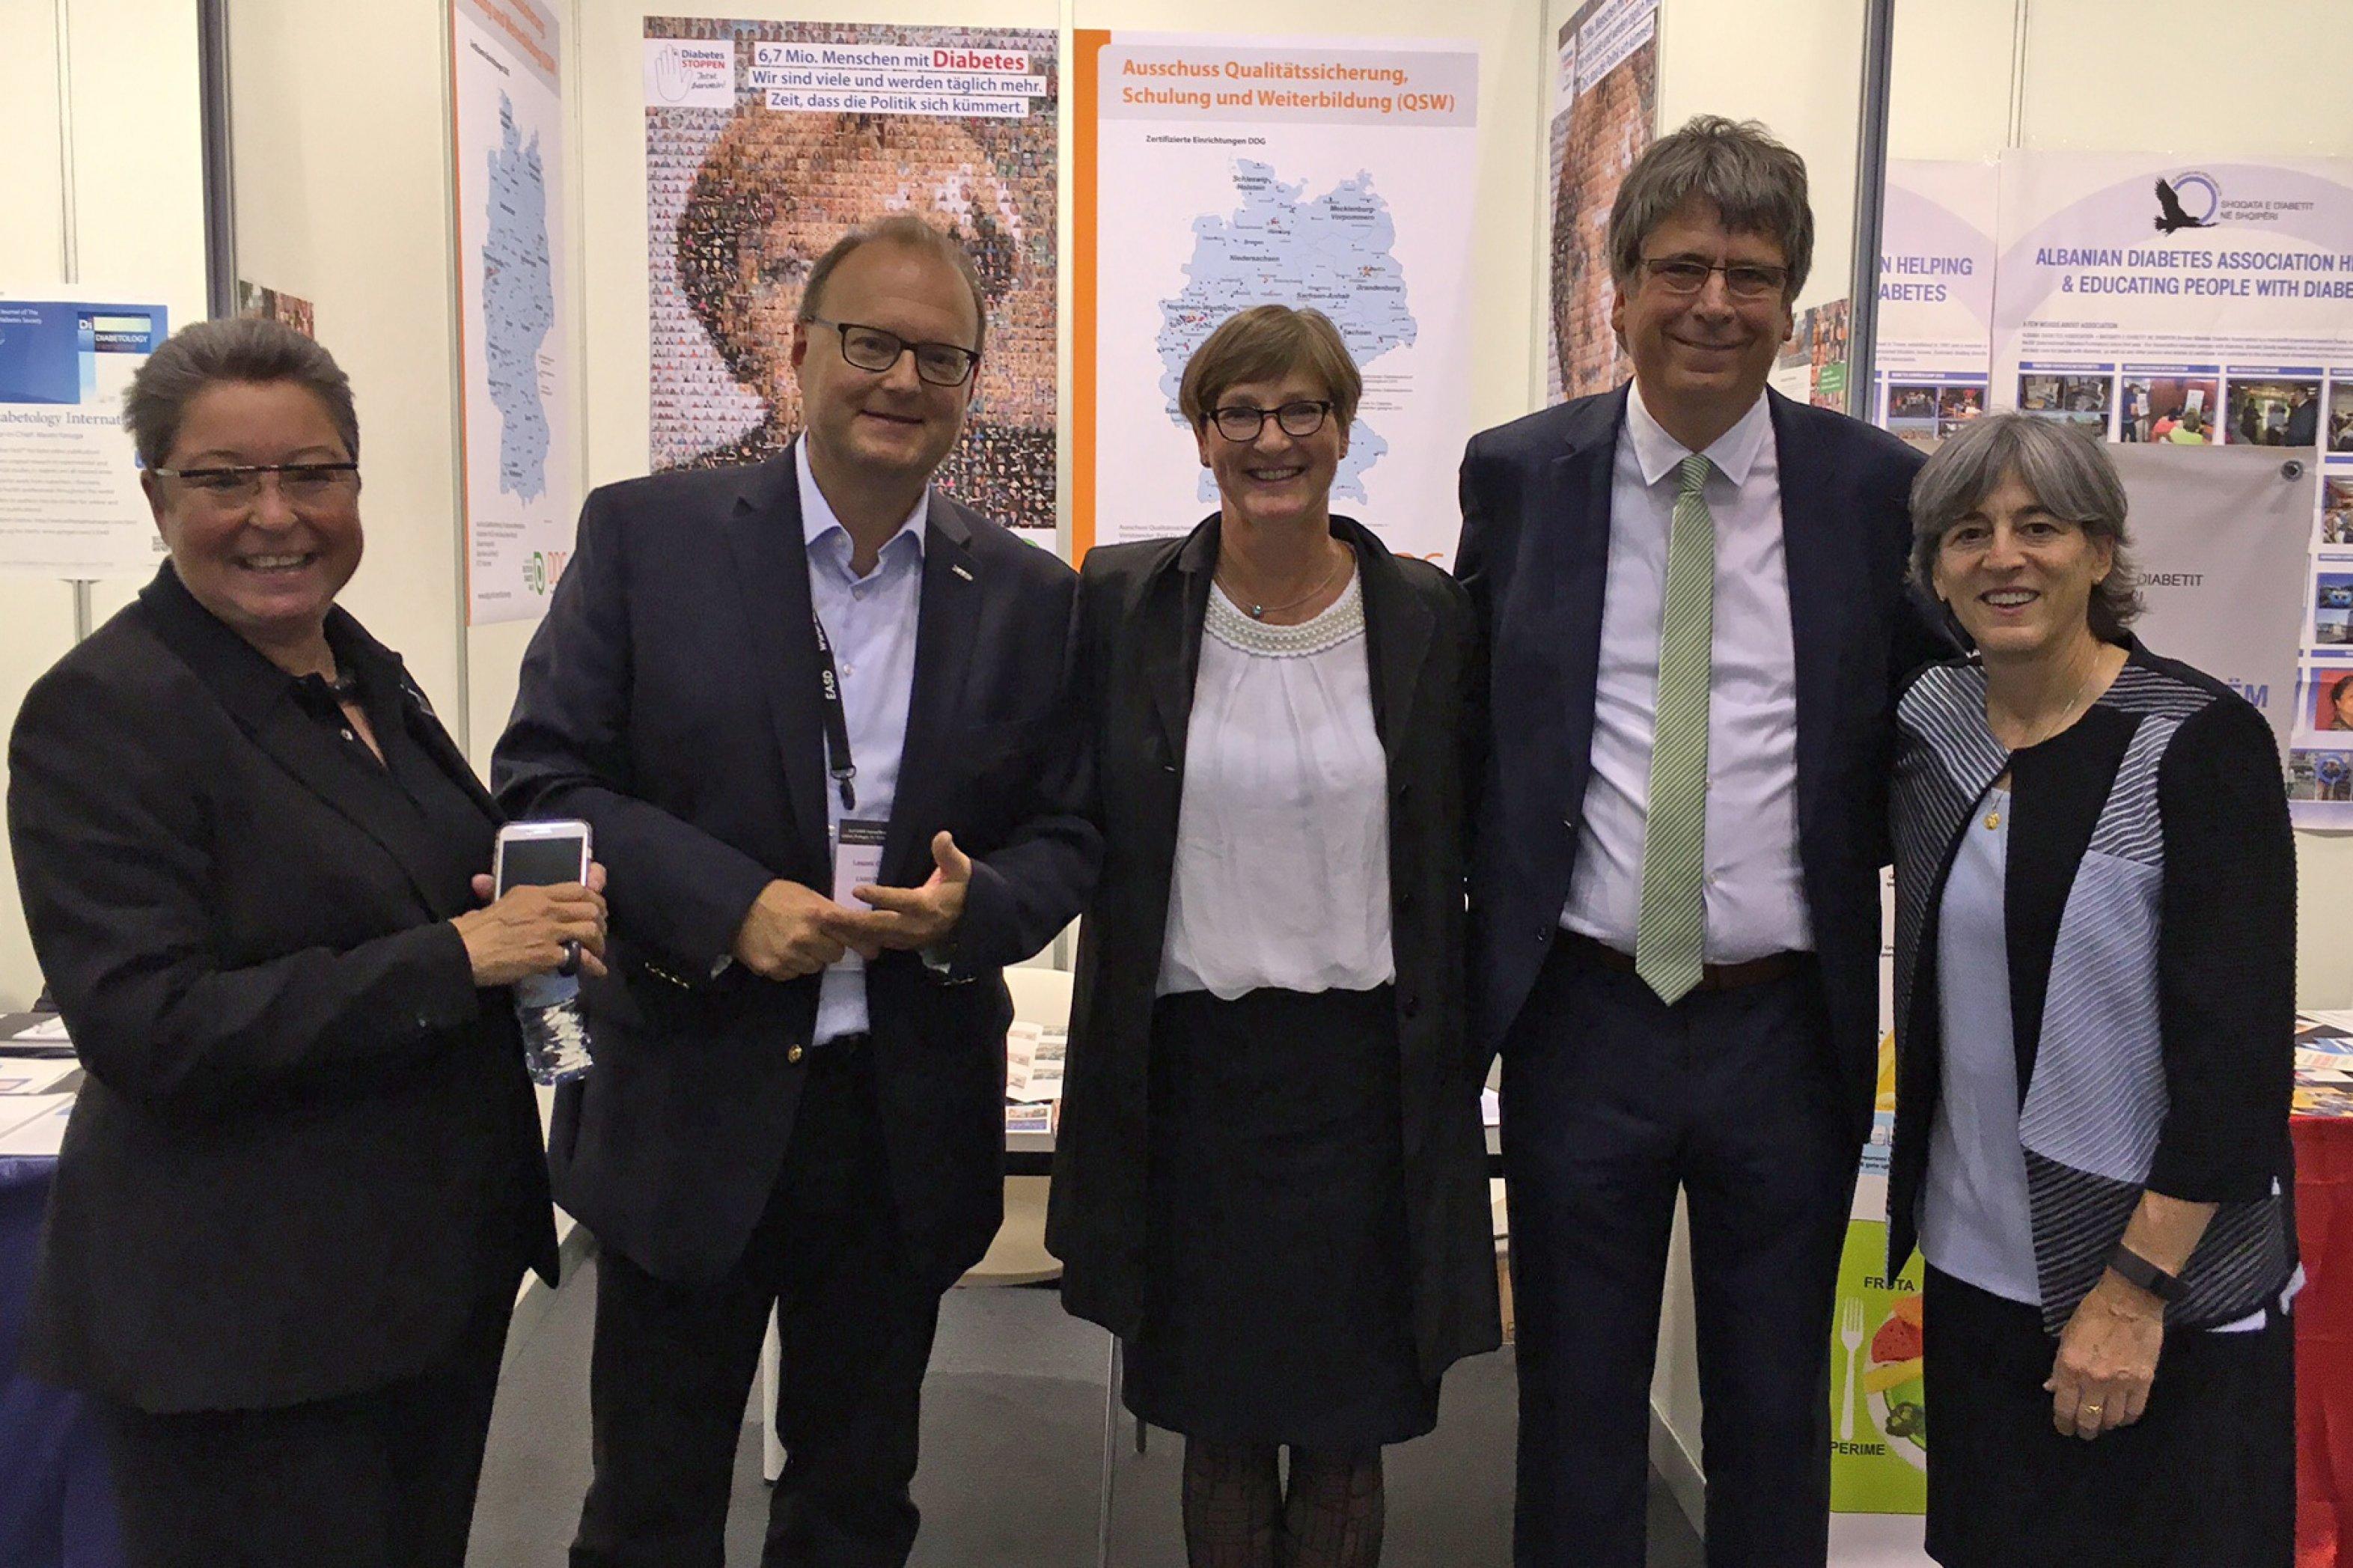 Gruppenbild mit der Präsidentin der EASD, Prof. Juleen R. Zierath (ganz rechts)